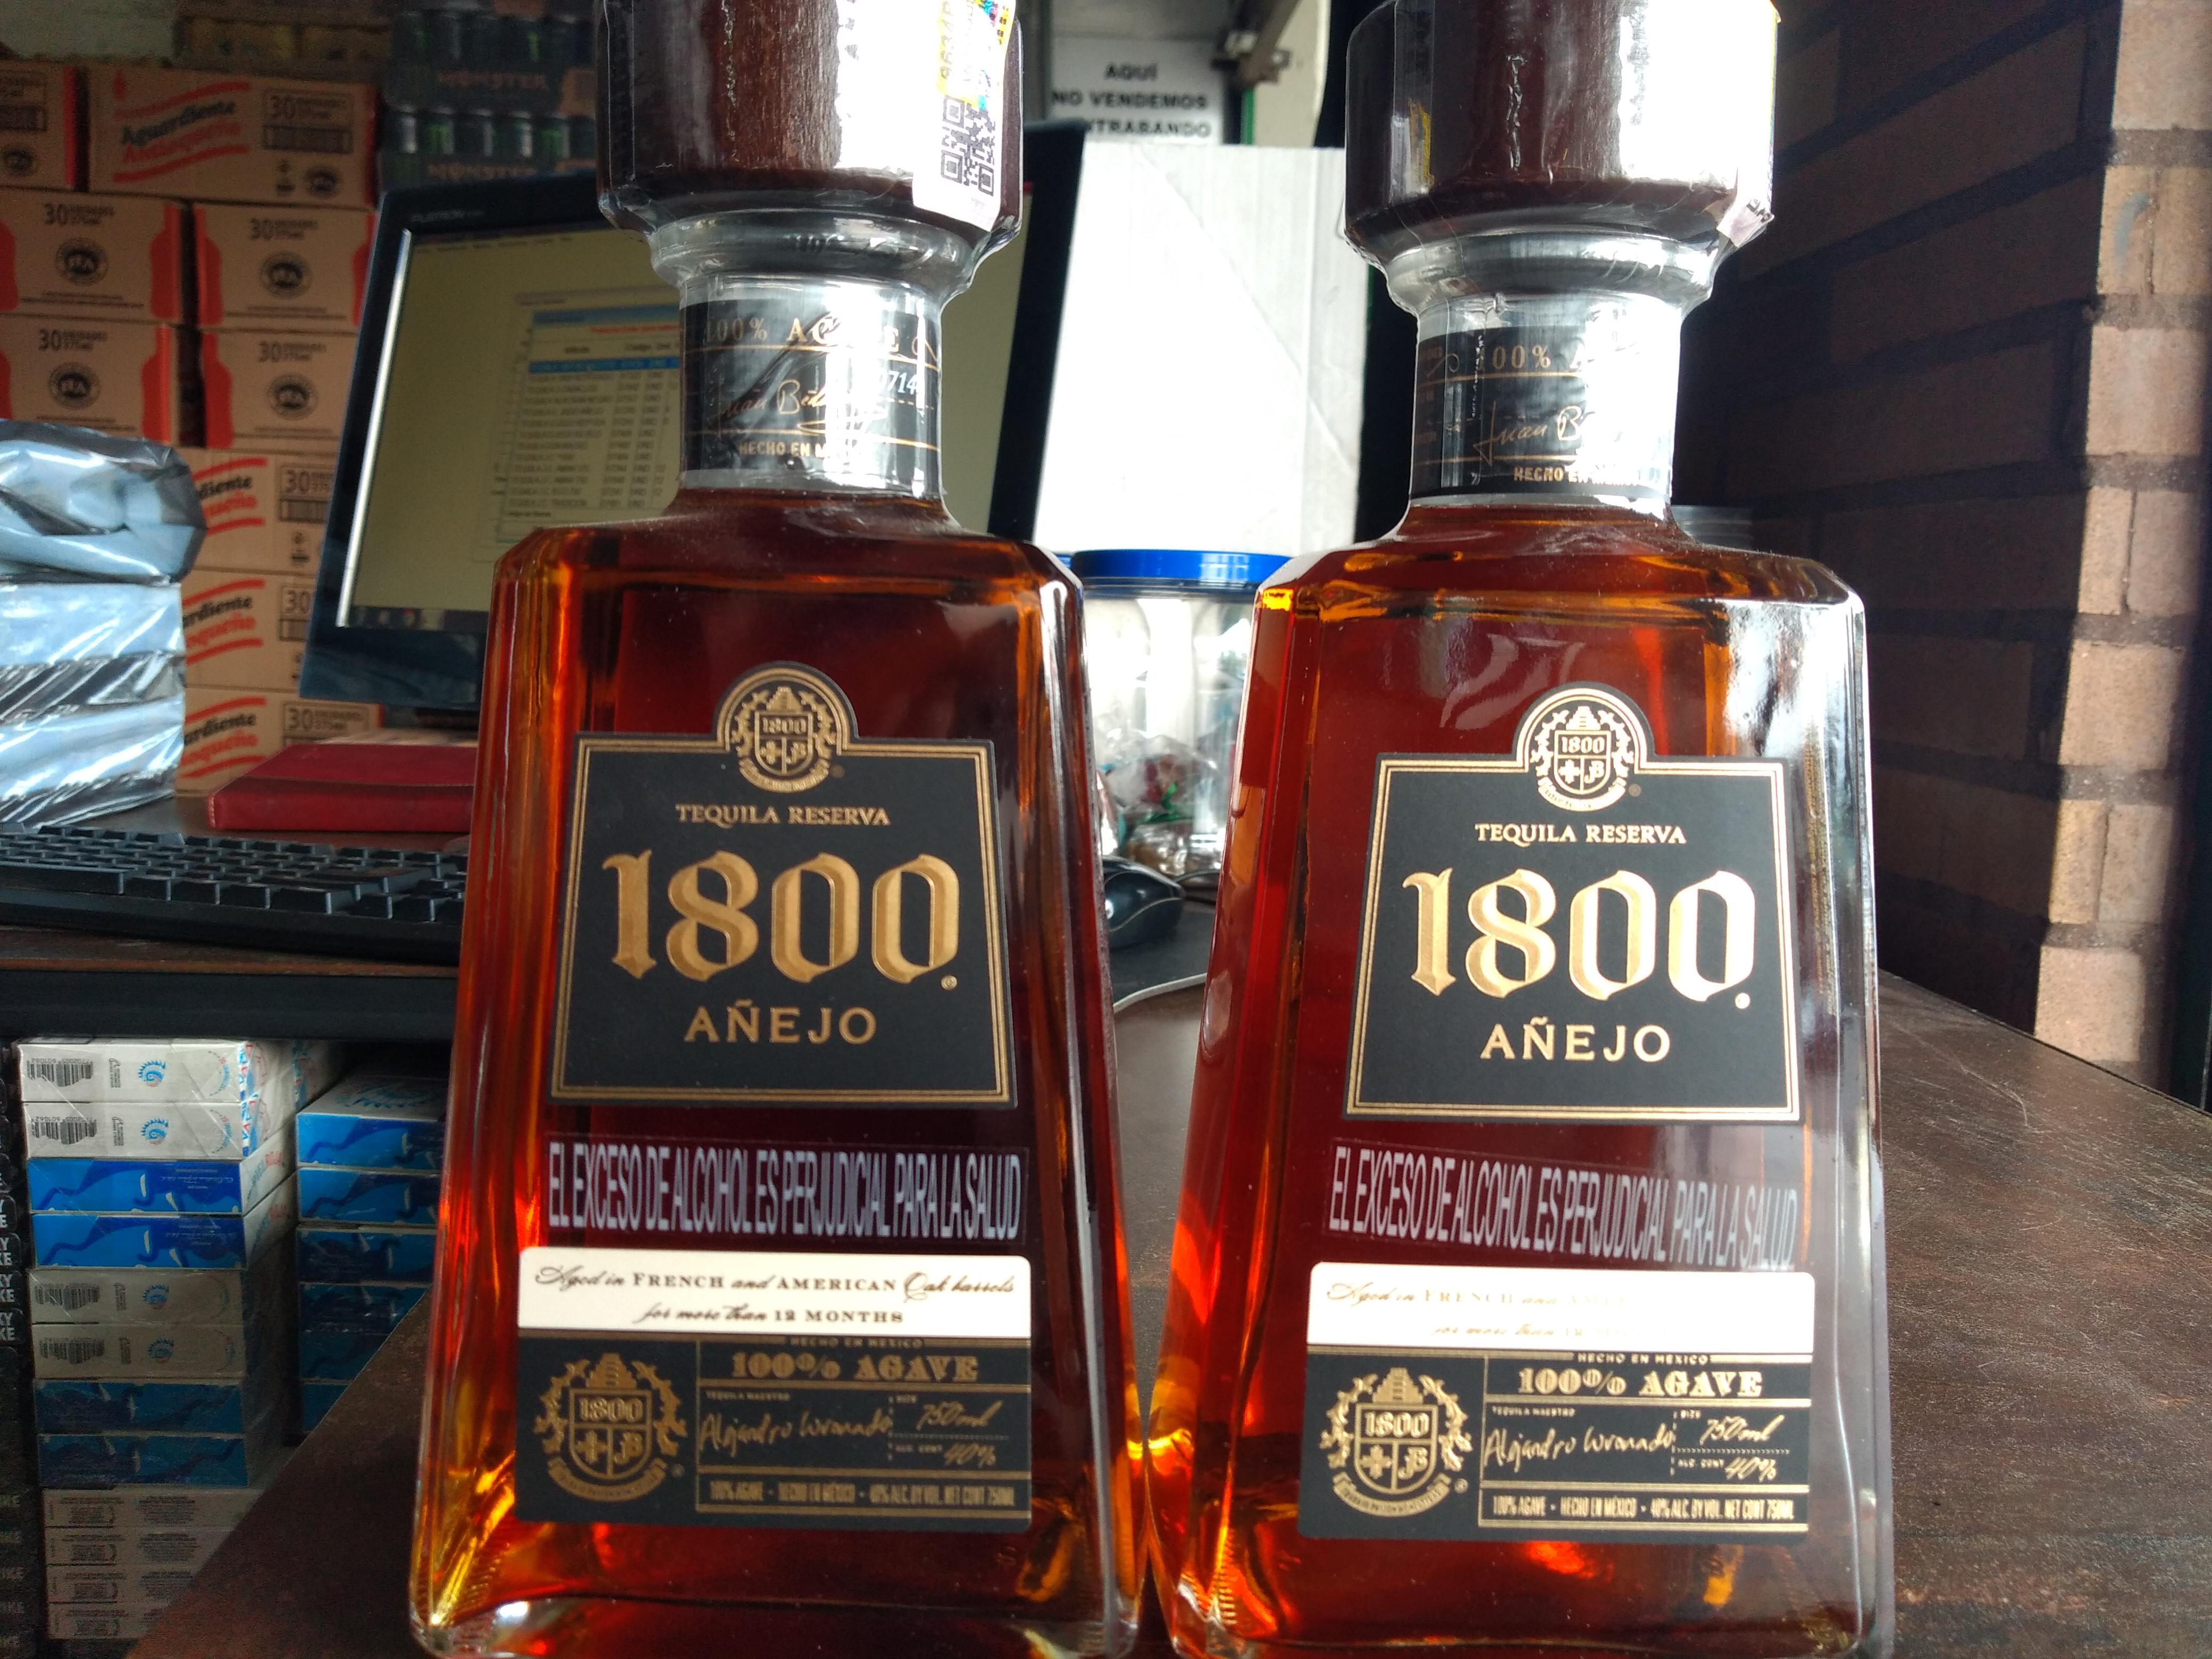 Tequila 1800 añejo x 750ml